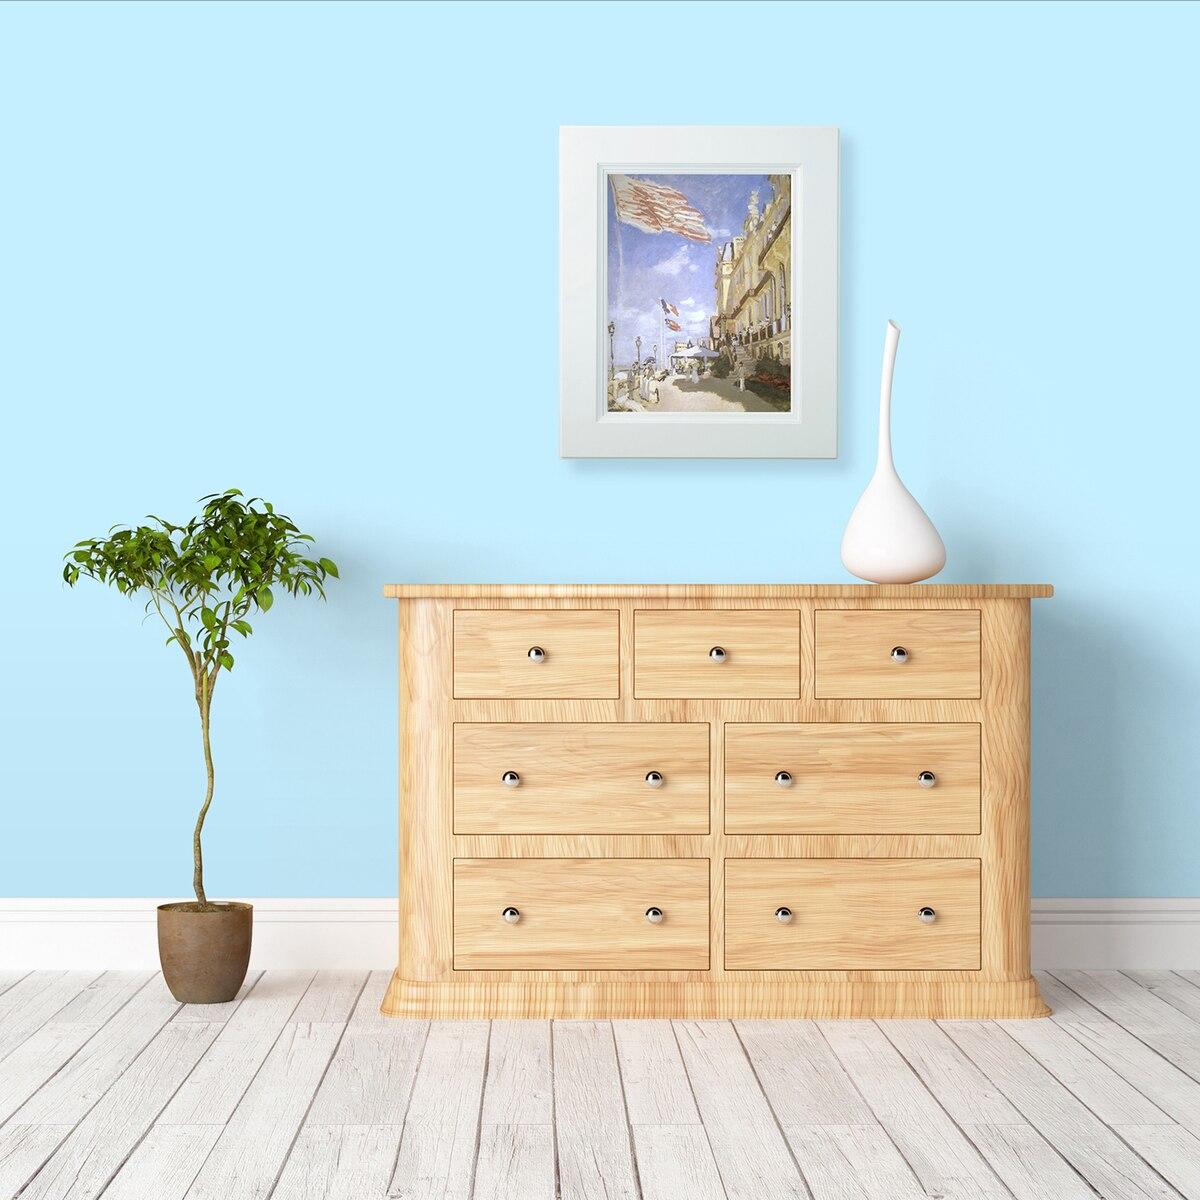 ラーソン・ジュール 油絵用額縁 A263 F0 ホワイト